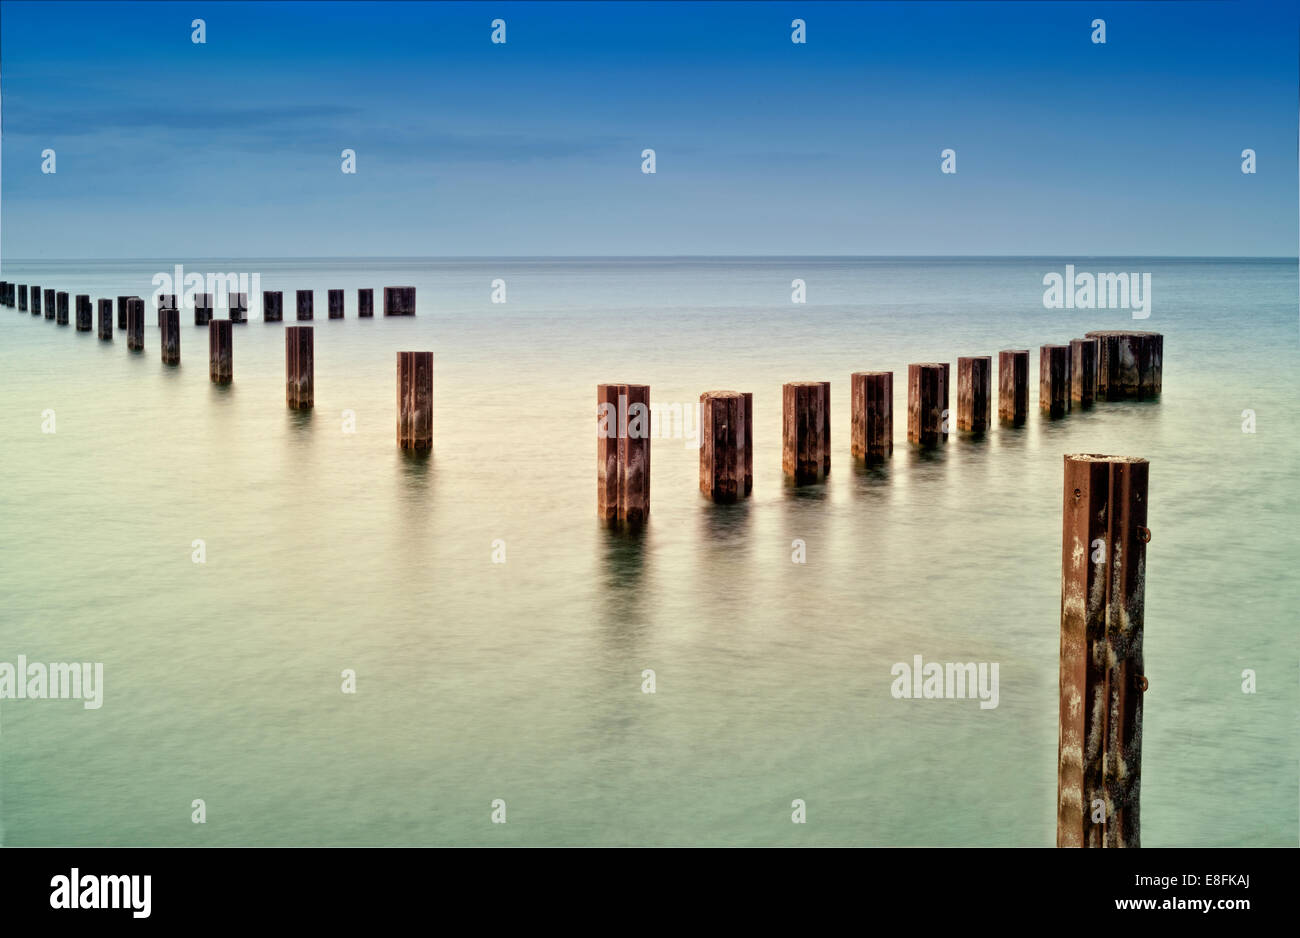 États-unis, Illinois, Chicago, comté de Cook, tiges de métal dans le lac Michigan Photo Stock